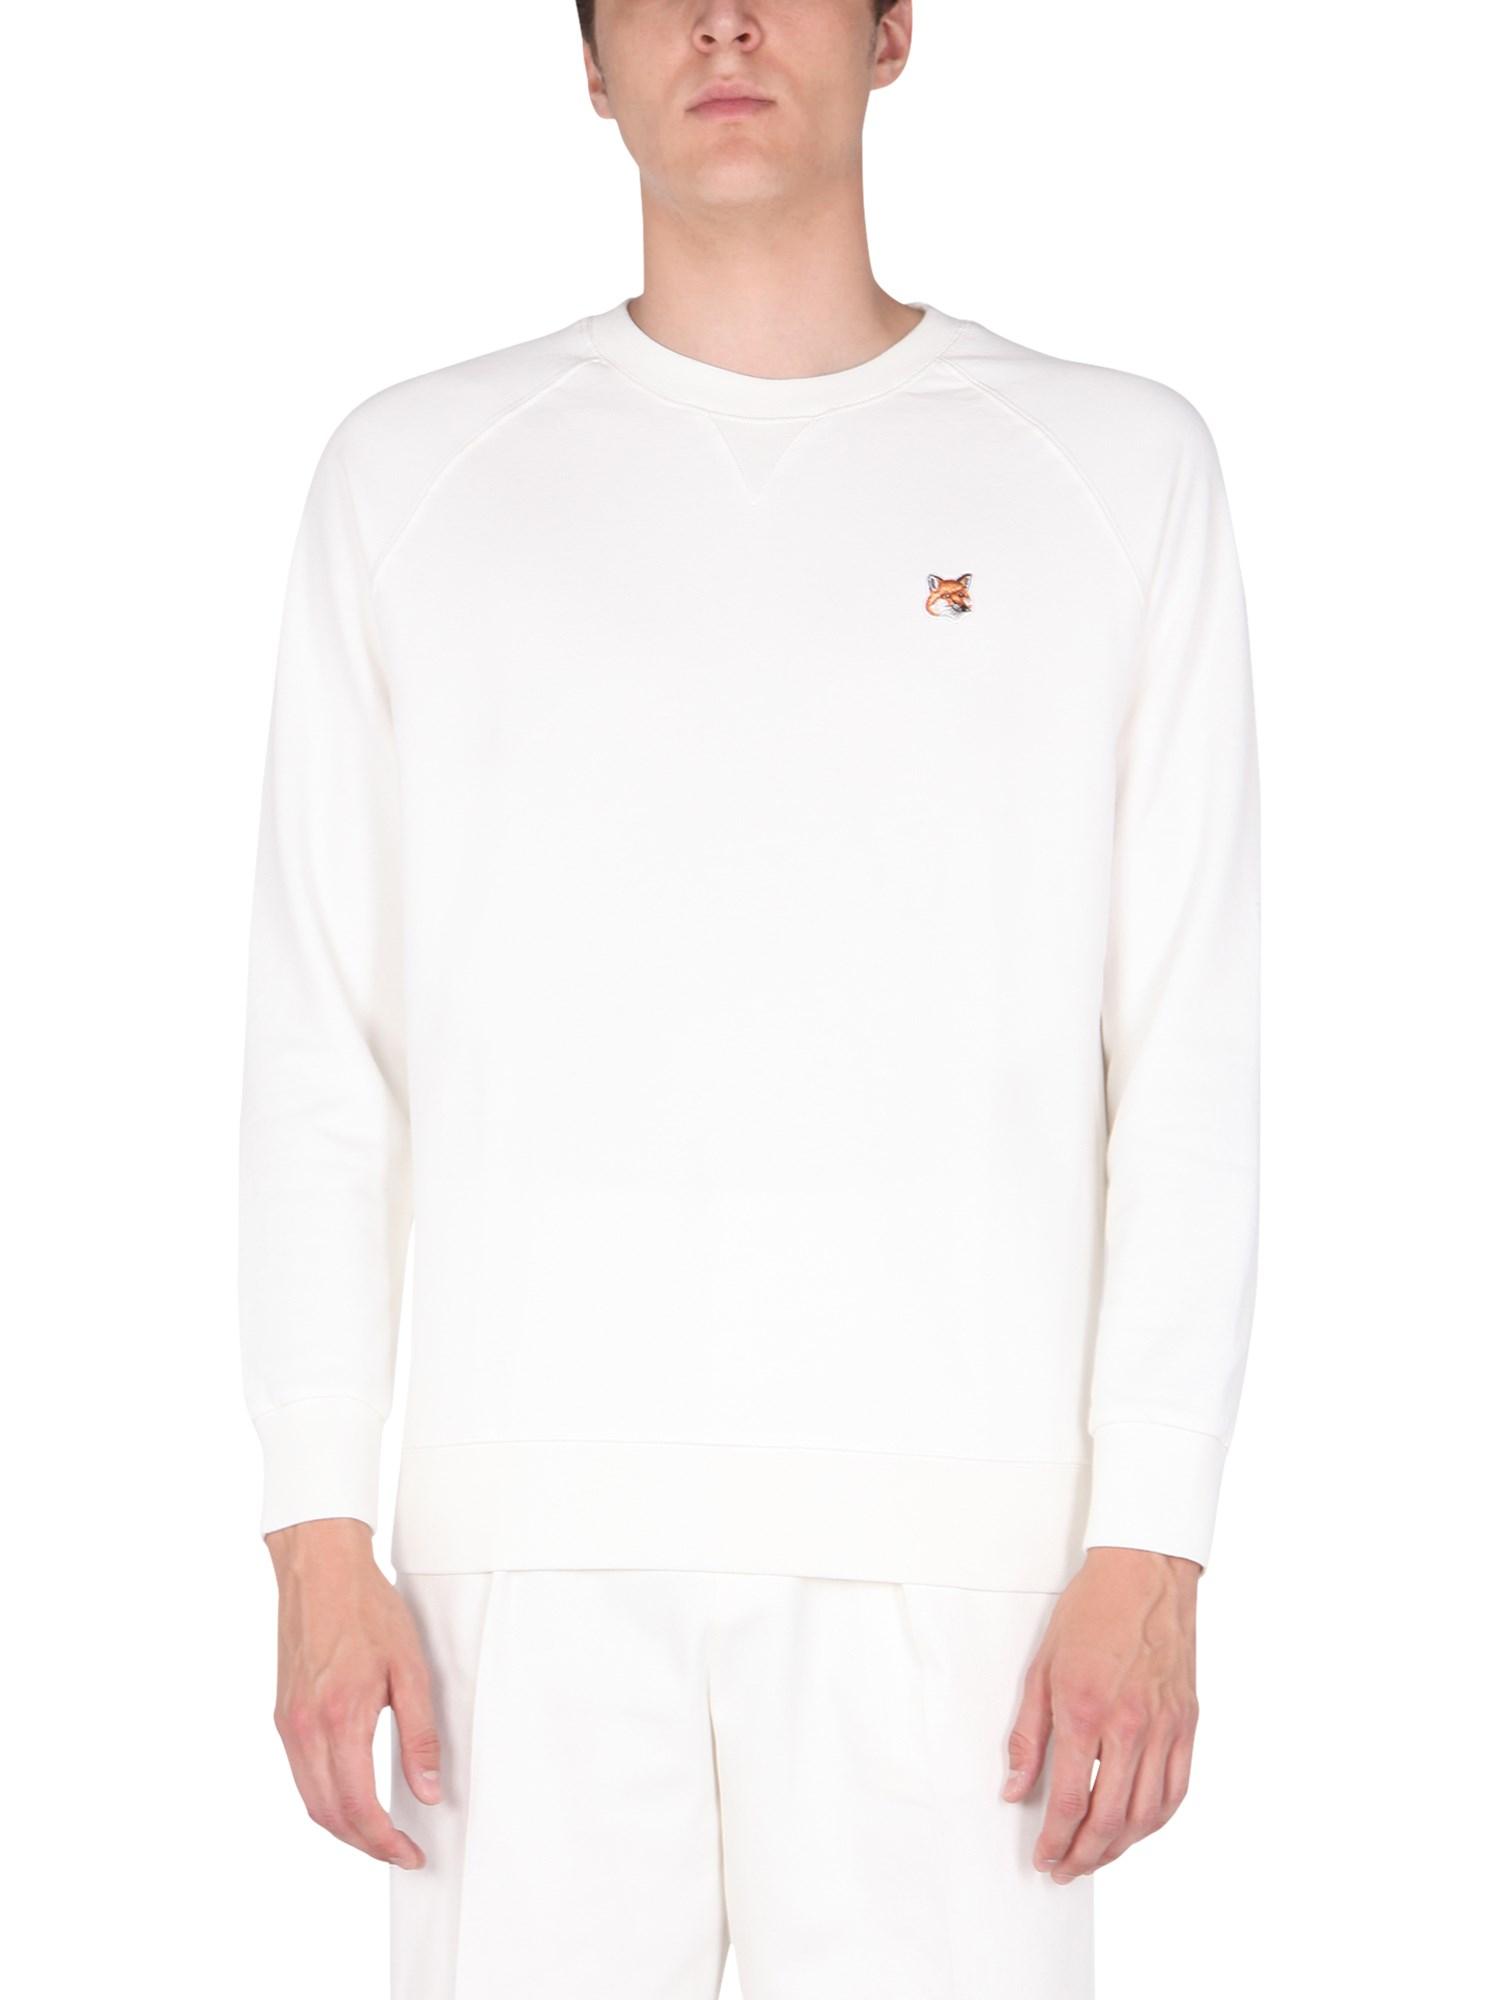 Crew neck sweatshirt - maison kitsuné - Modalova